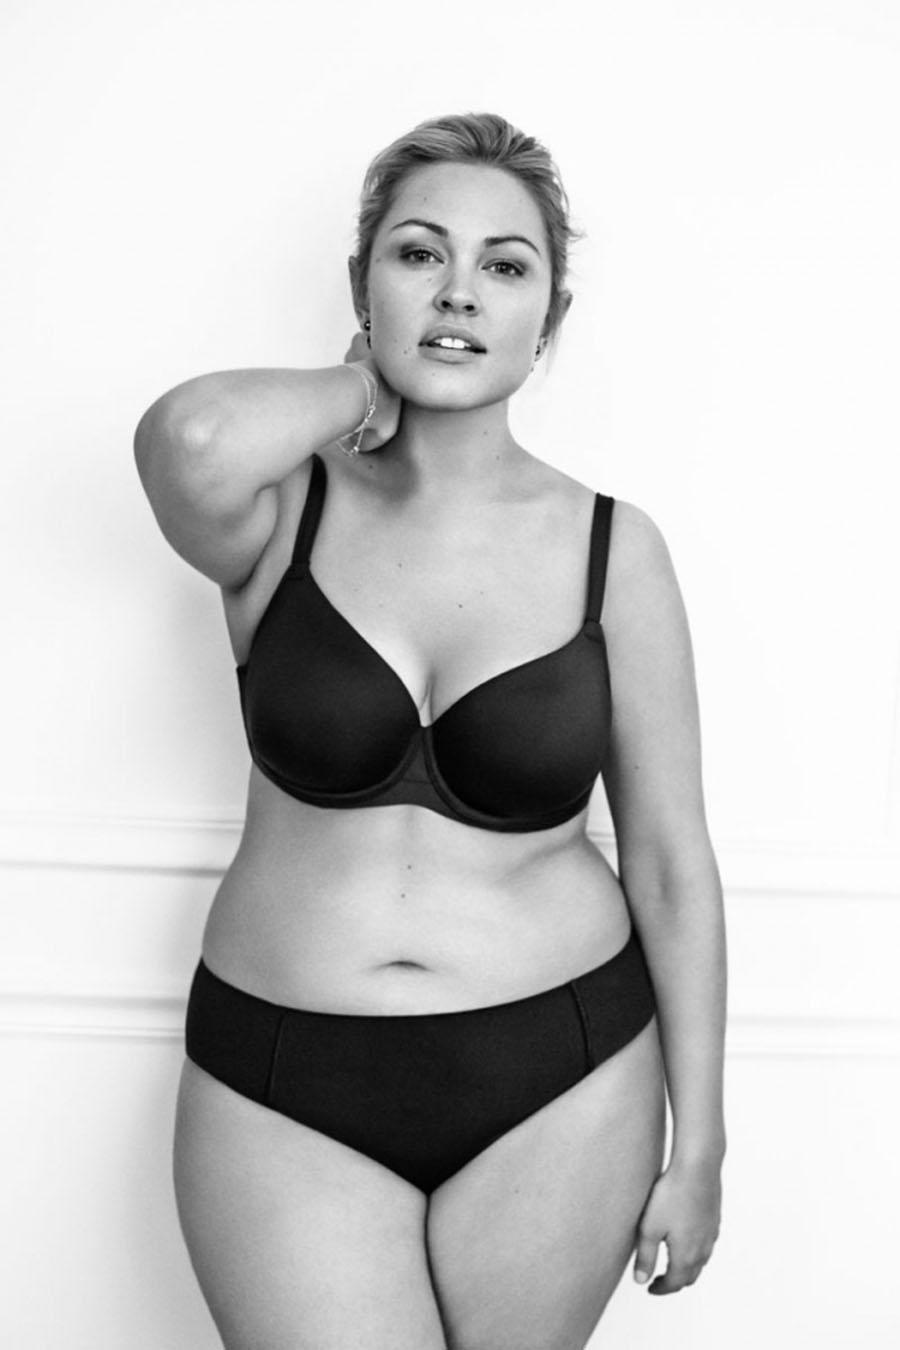 Campaña-rompe-clásico-estereotipo-de-la-belleza-femenina-5